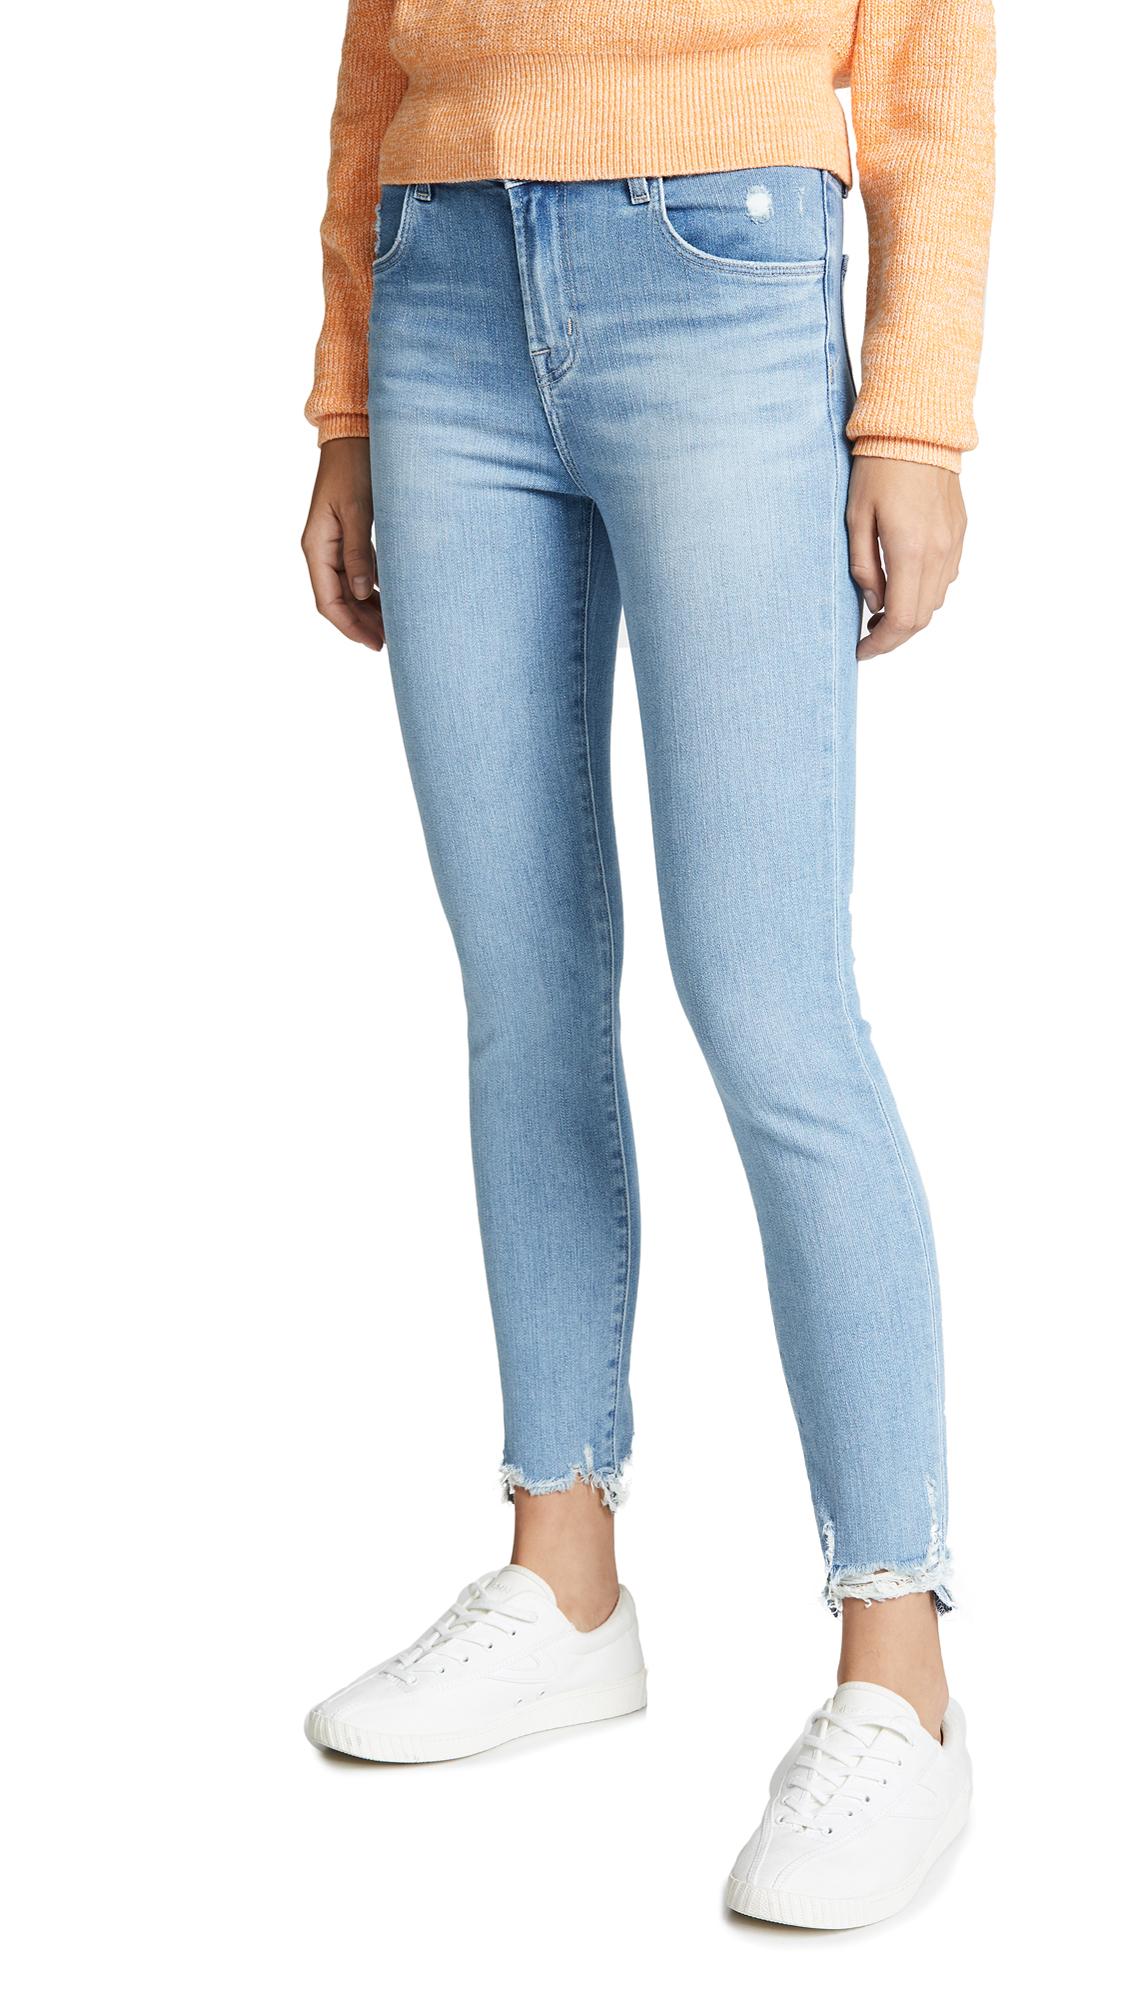 d830cdb3f614 J Brand Alana High Rise Crop Skinny Jeans - Teardrop